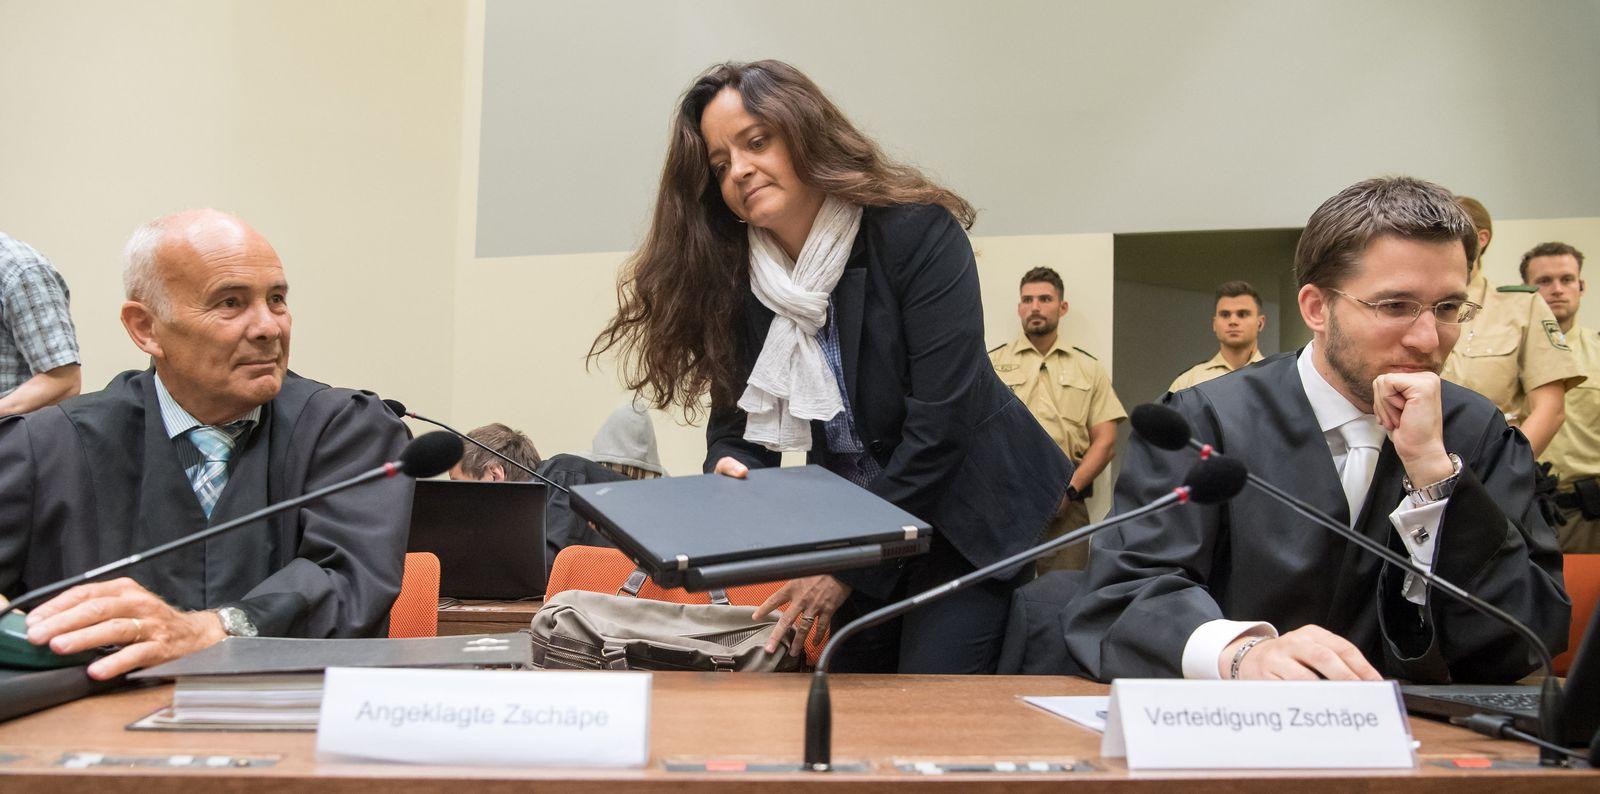 NSU Prozess Zschäpe Borchert